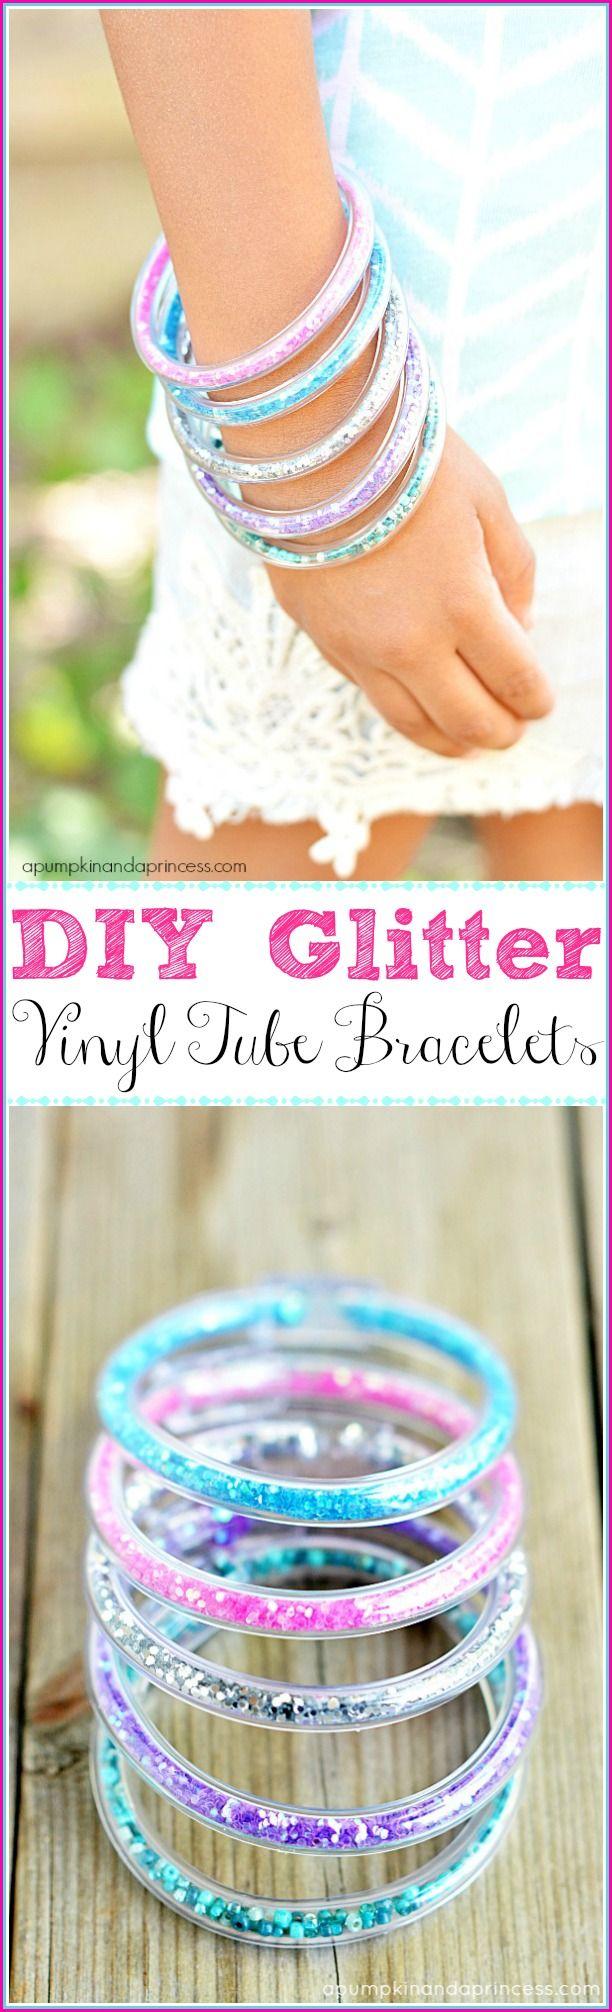 How to make glitter vinyl tube bracelets easy craft idea for girls